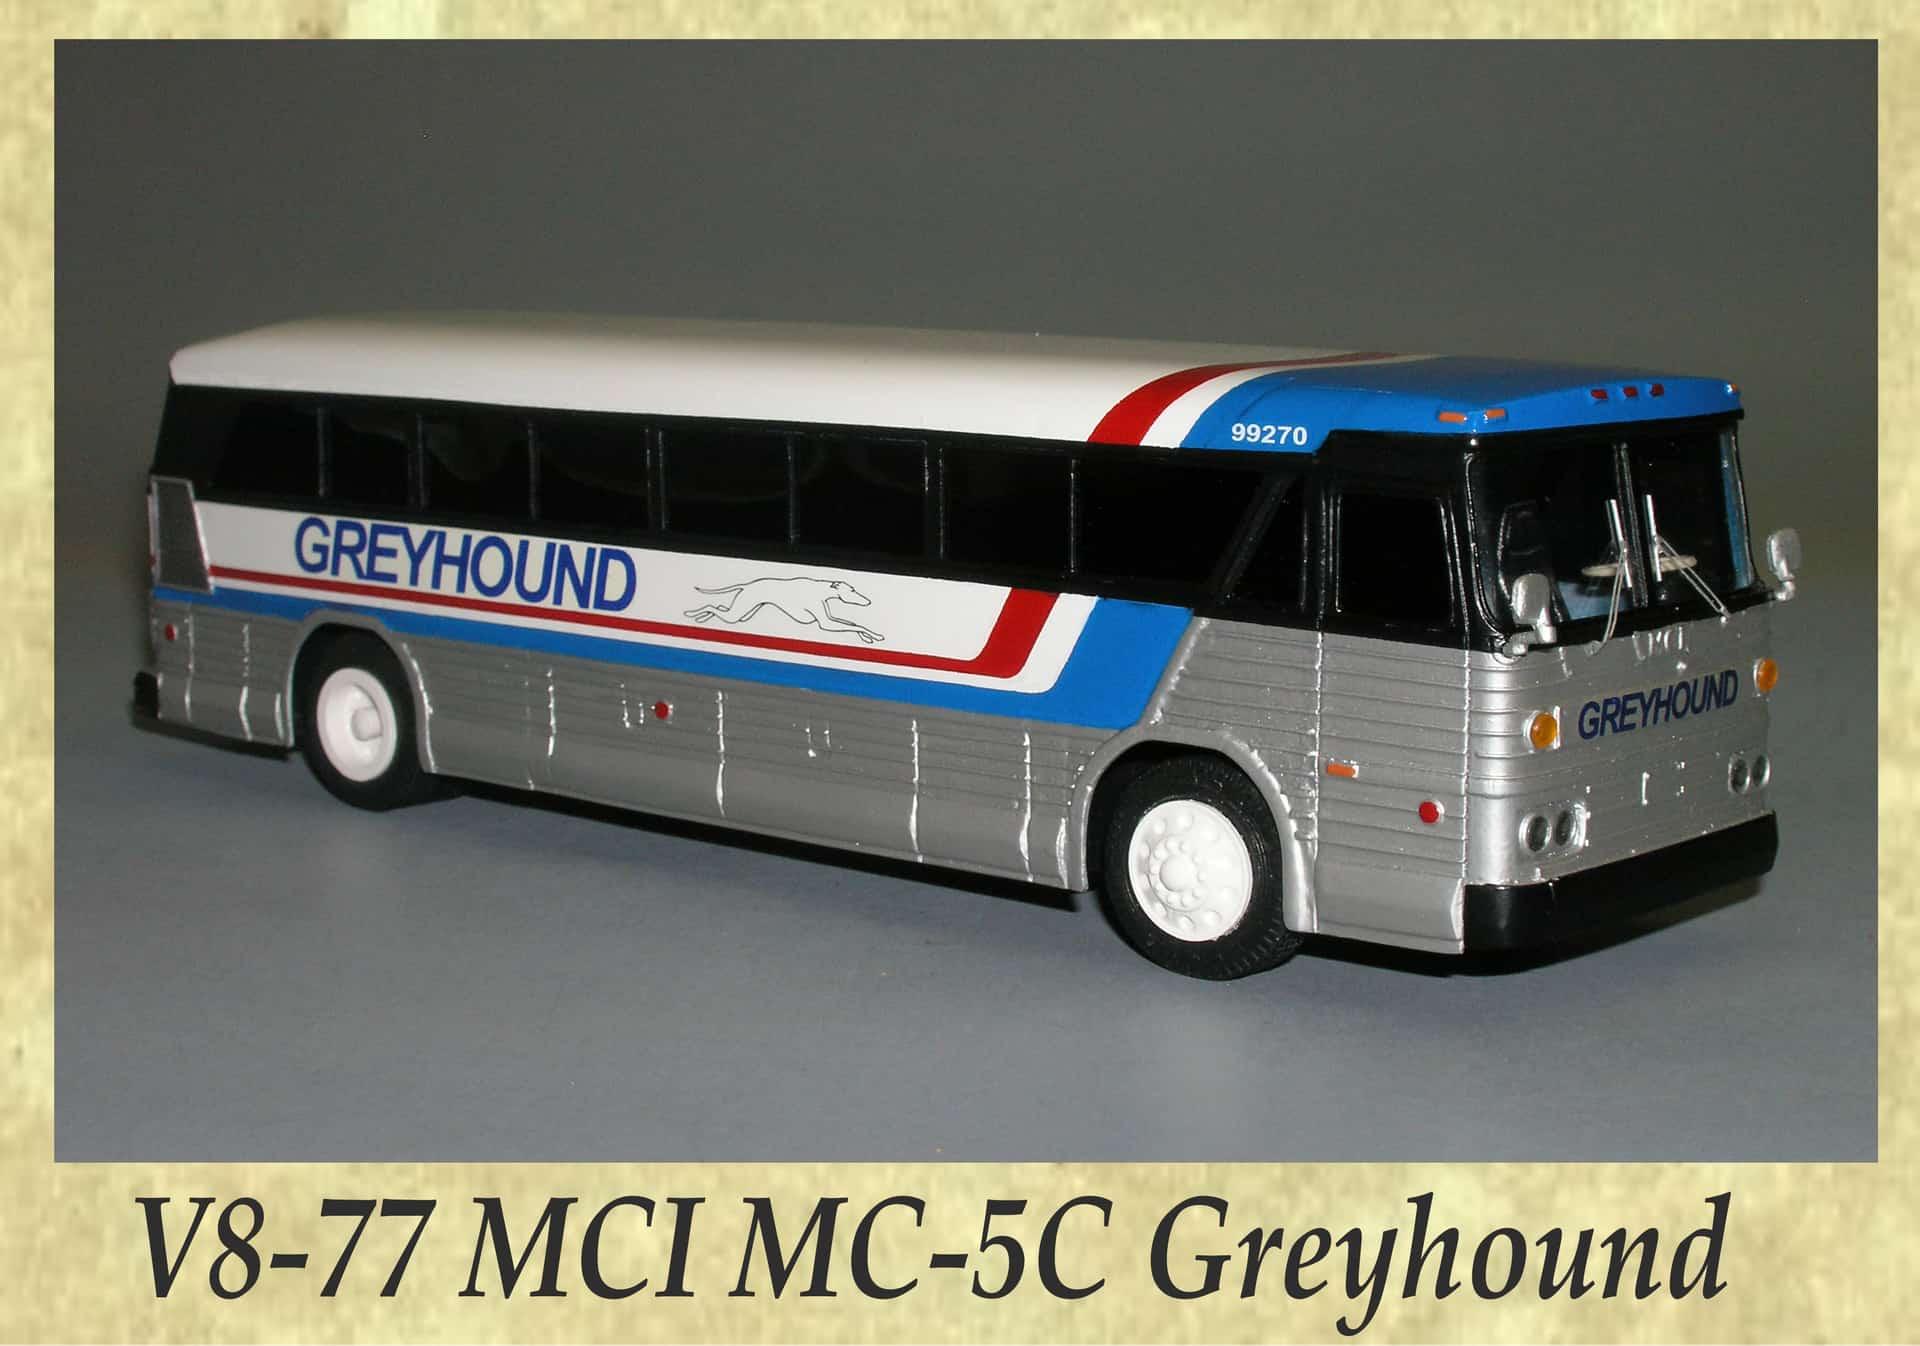 V8-77 MCI MC-5C Greyhound